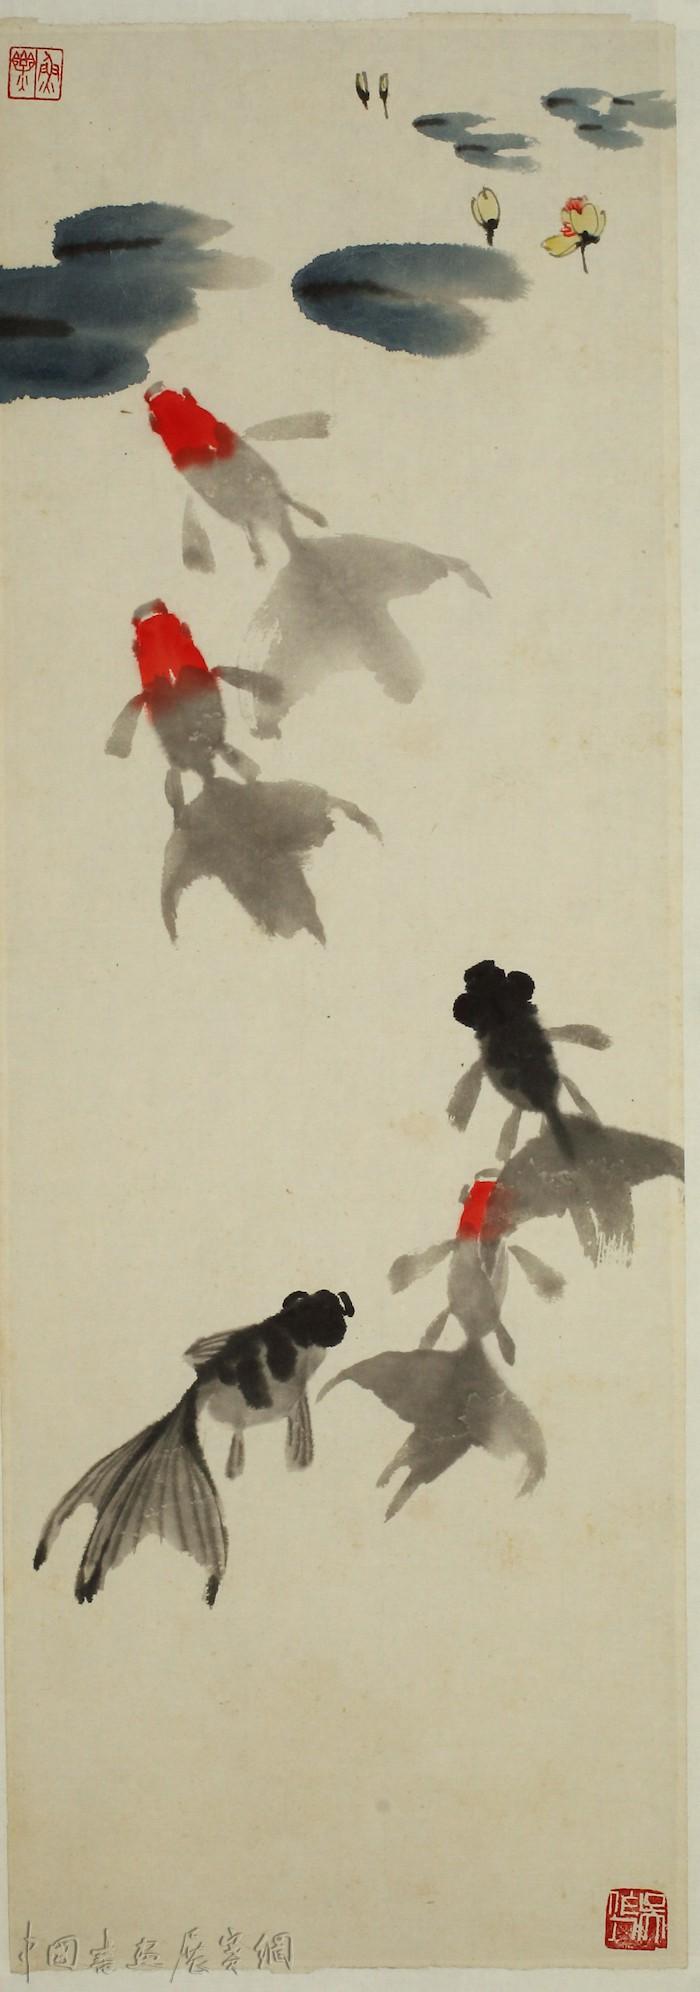 从金鱼看吴作人的中国画探索,苏州展其金鱼作品研究展